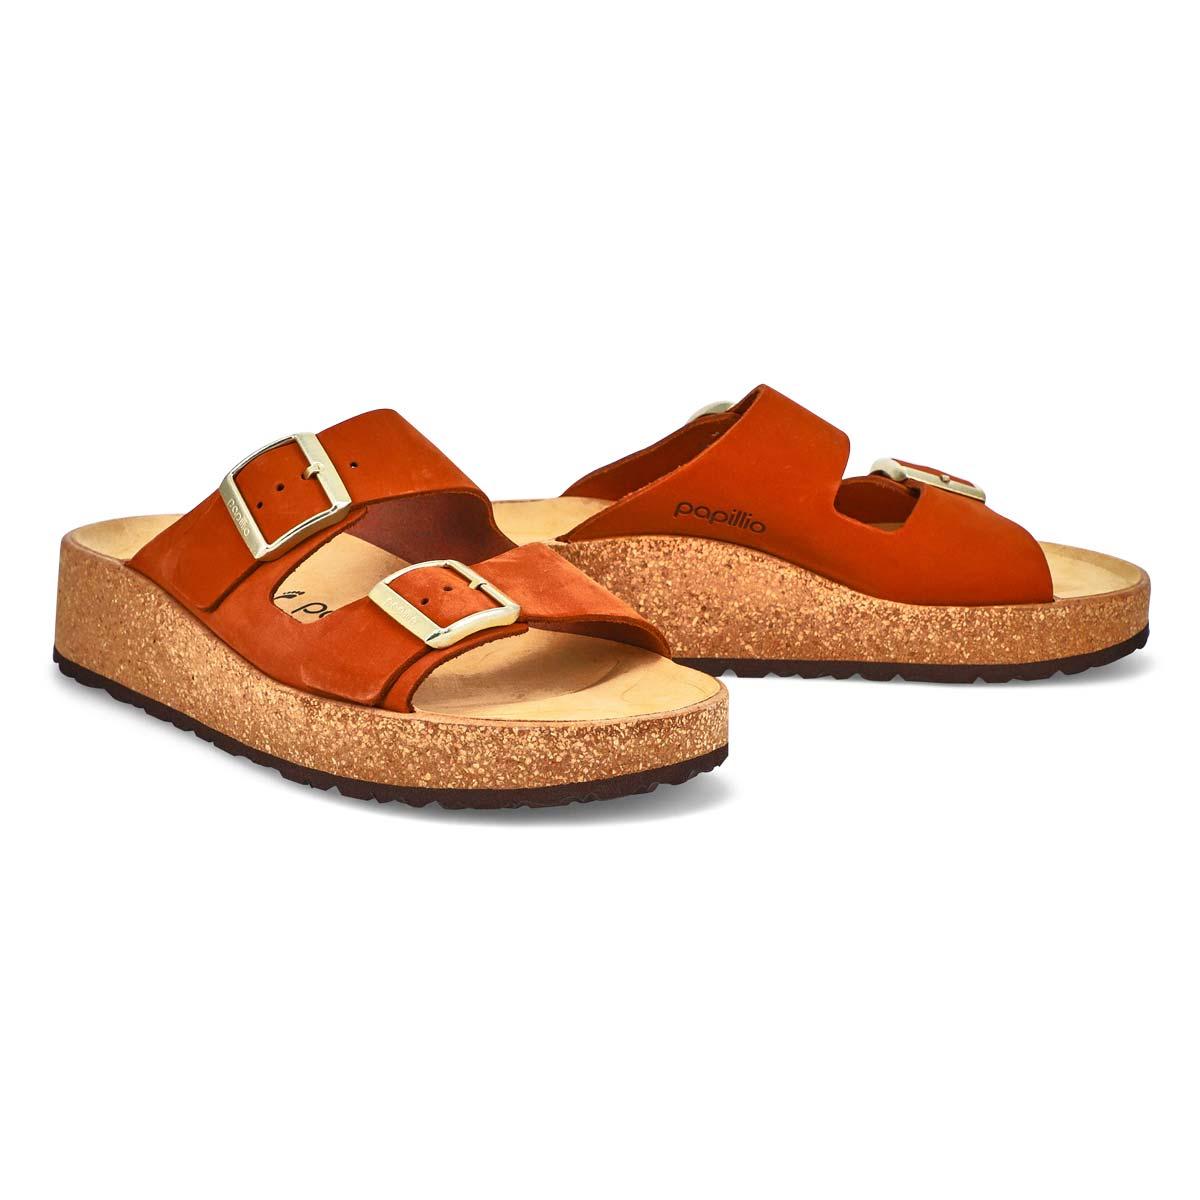 Women's Gabriella Platform Sandal -Pecan/Narrow